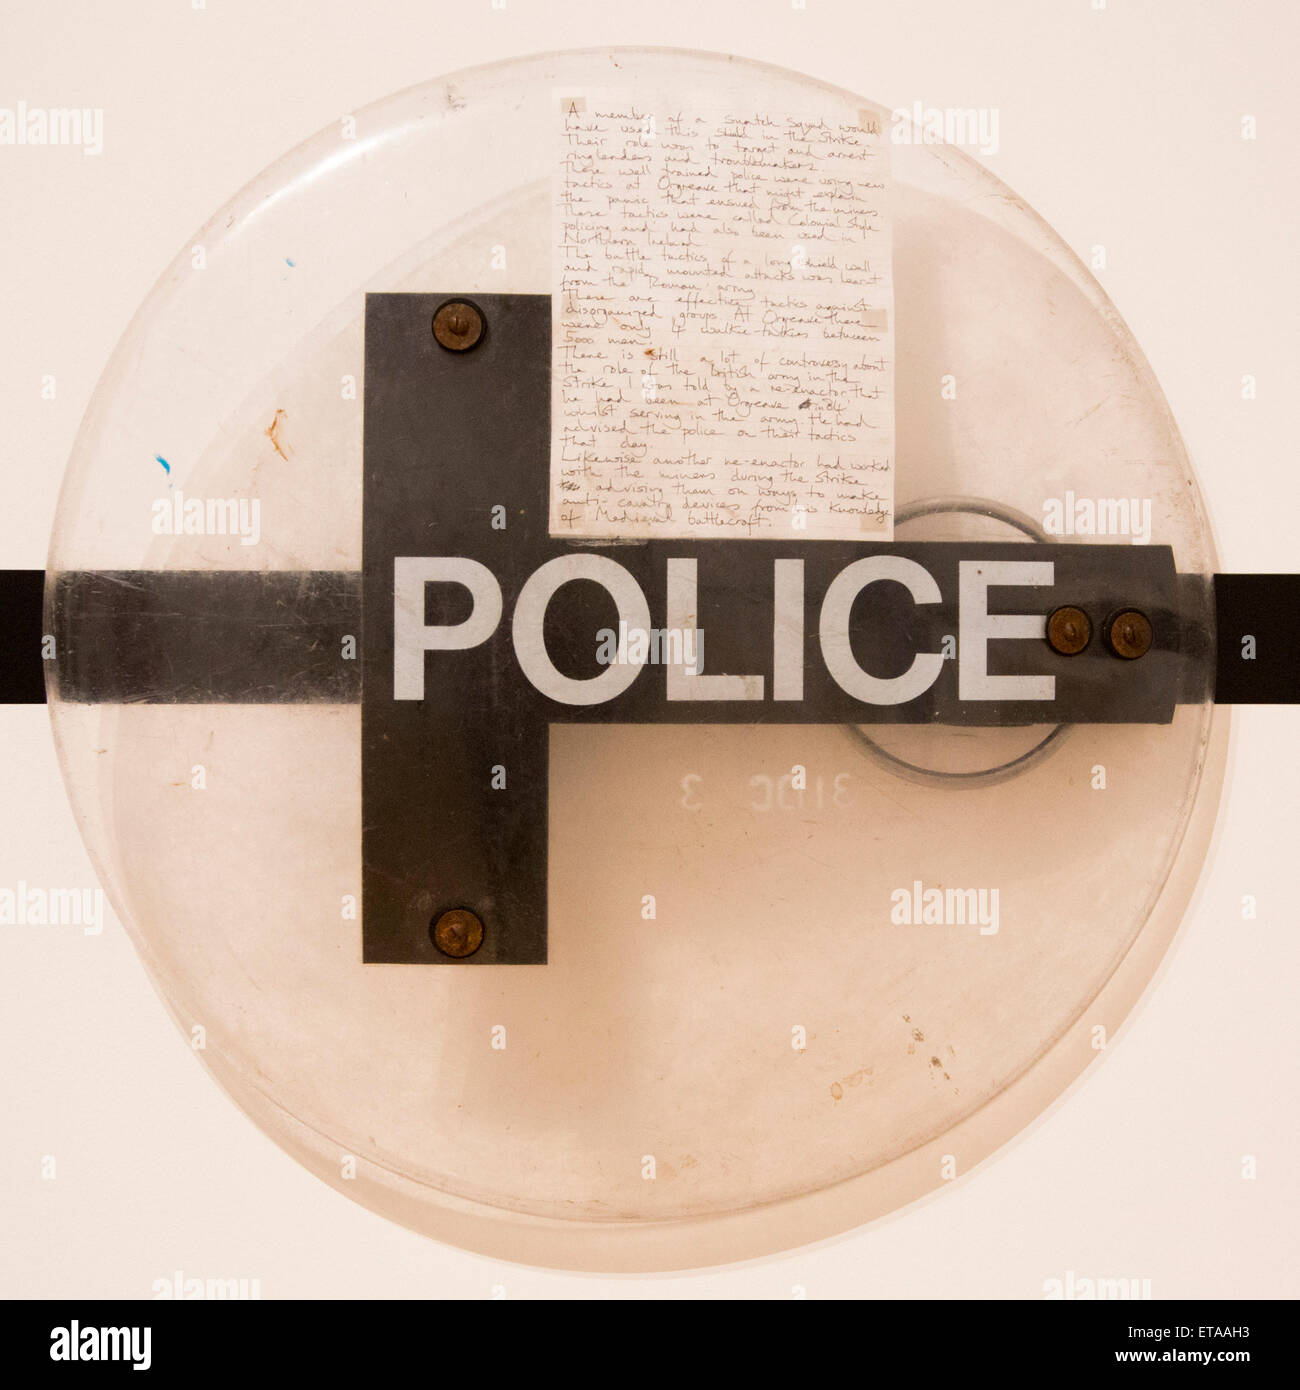 Londra, Regno Unito. 8 Giugno 2015. Nella foto: una protezione di polizia che potrebbe essere stato usato in battaglia. Immagini Stock